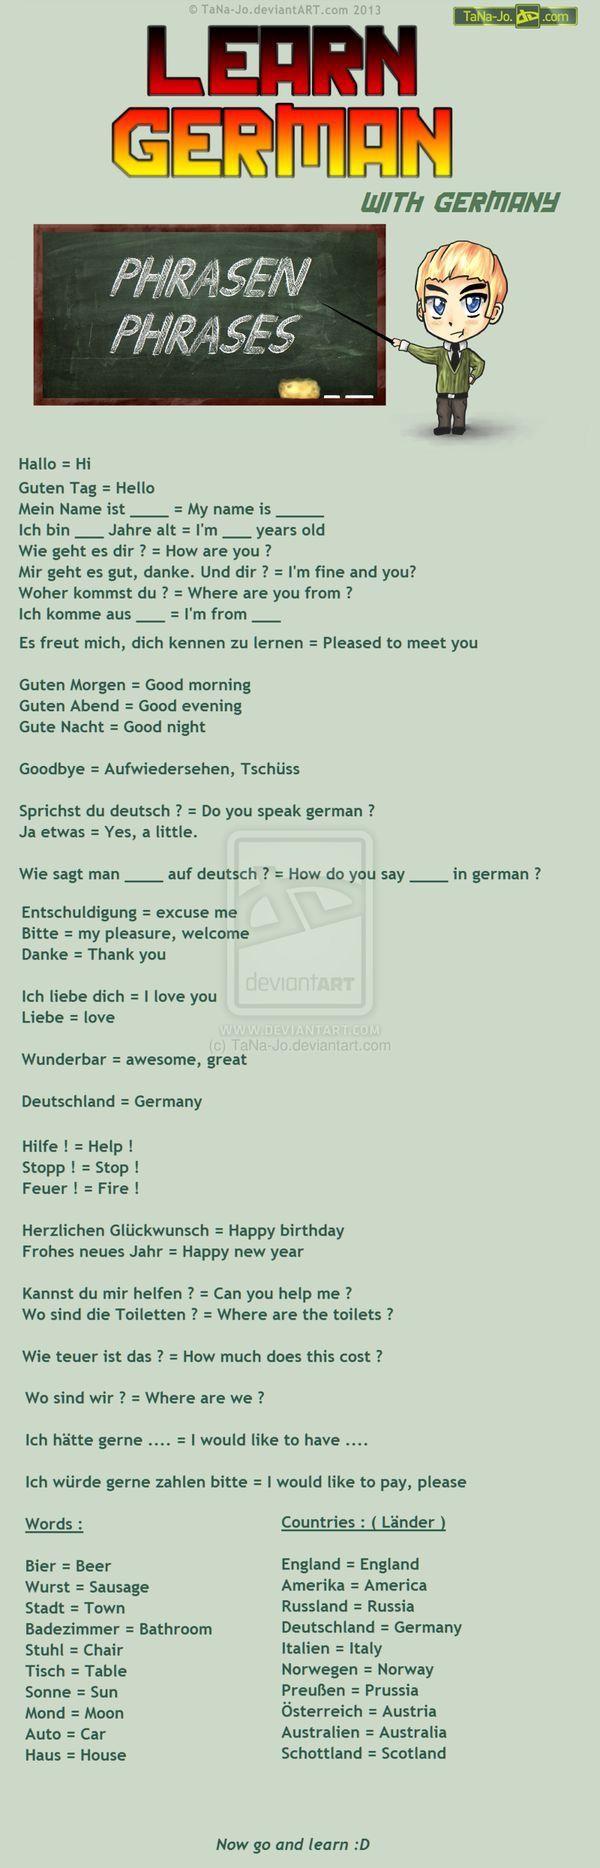 Learn German with Germany | Deutsch | Pinterest | Learn german ...